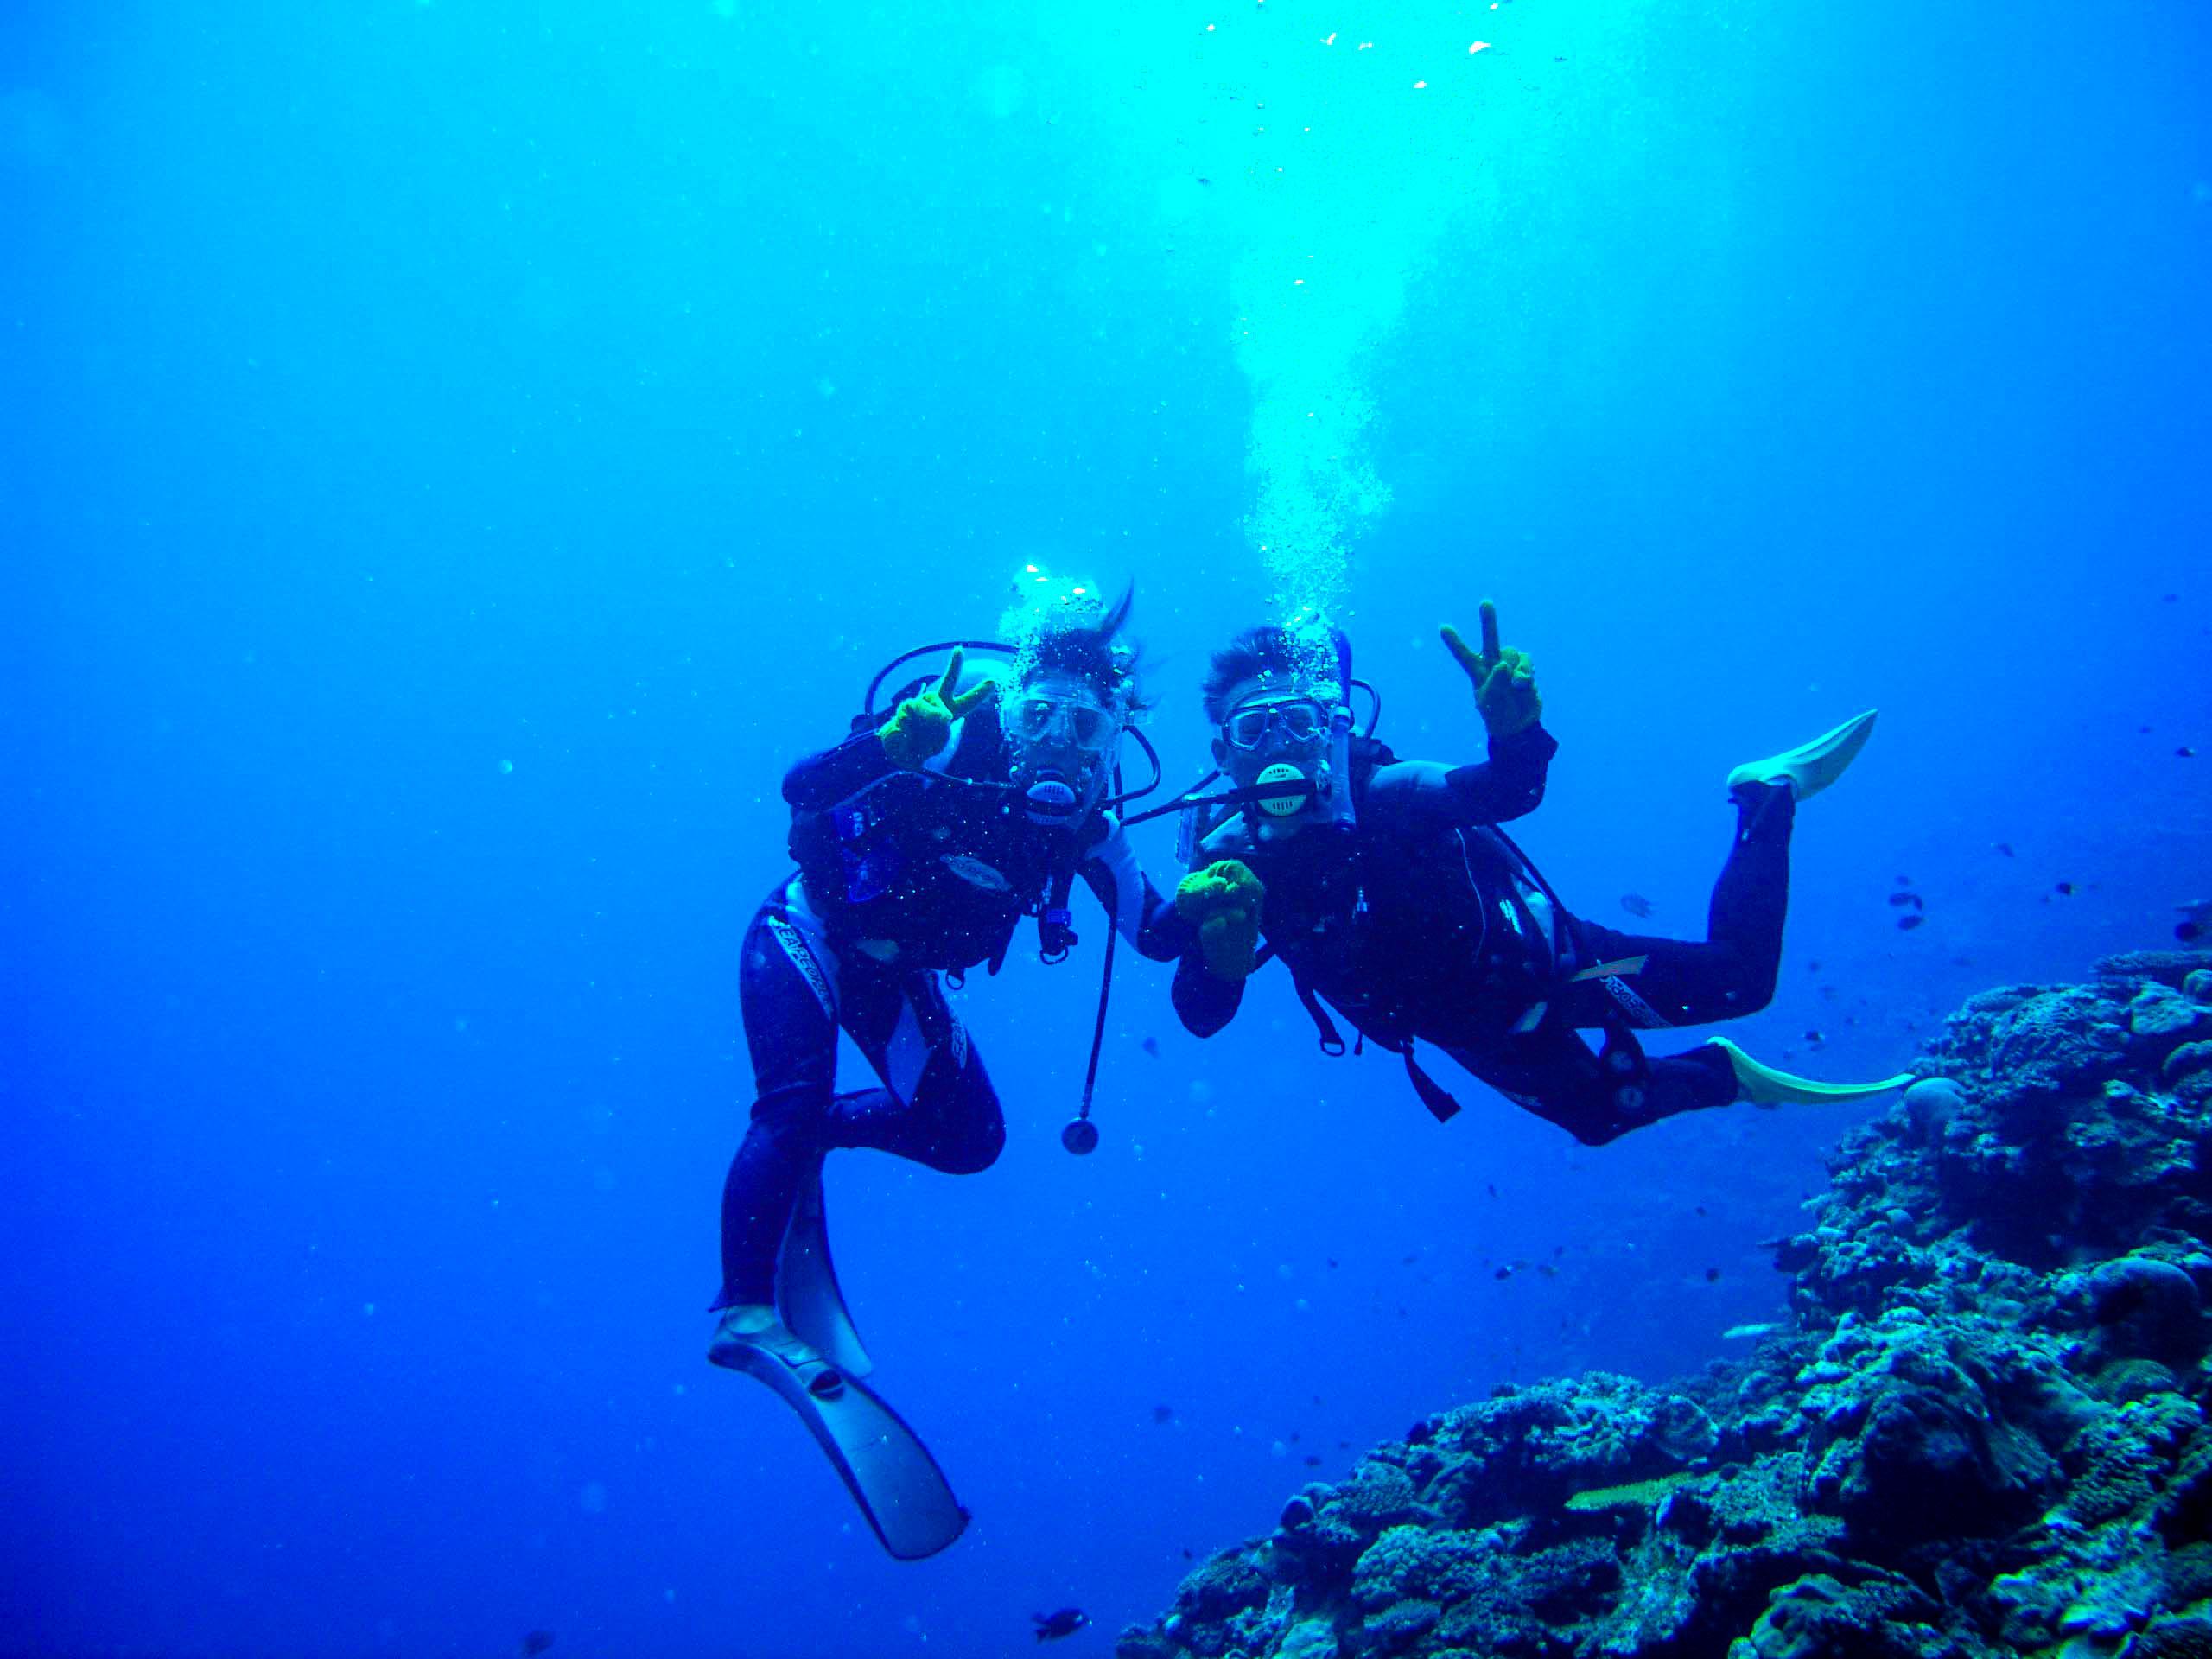 ダイビングツアーに参加するカップル